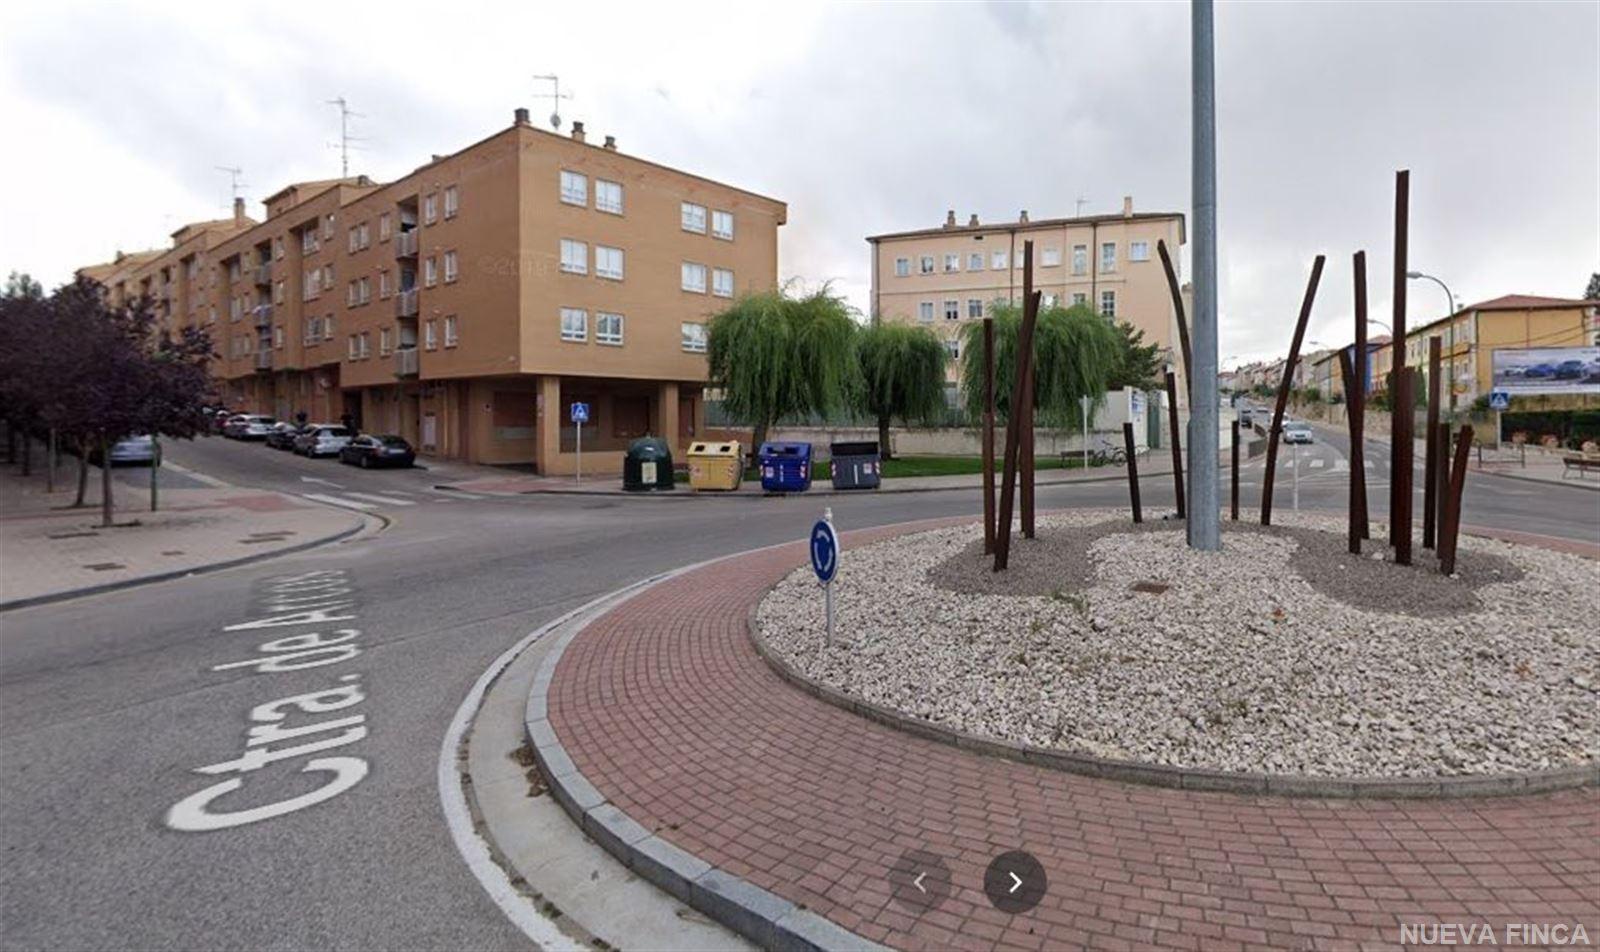 PISO. BURGOS , area SUR